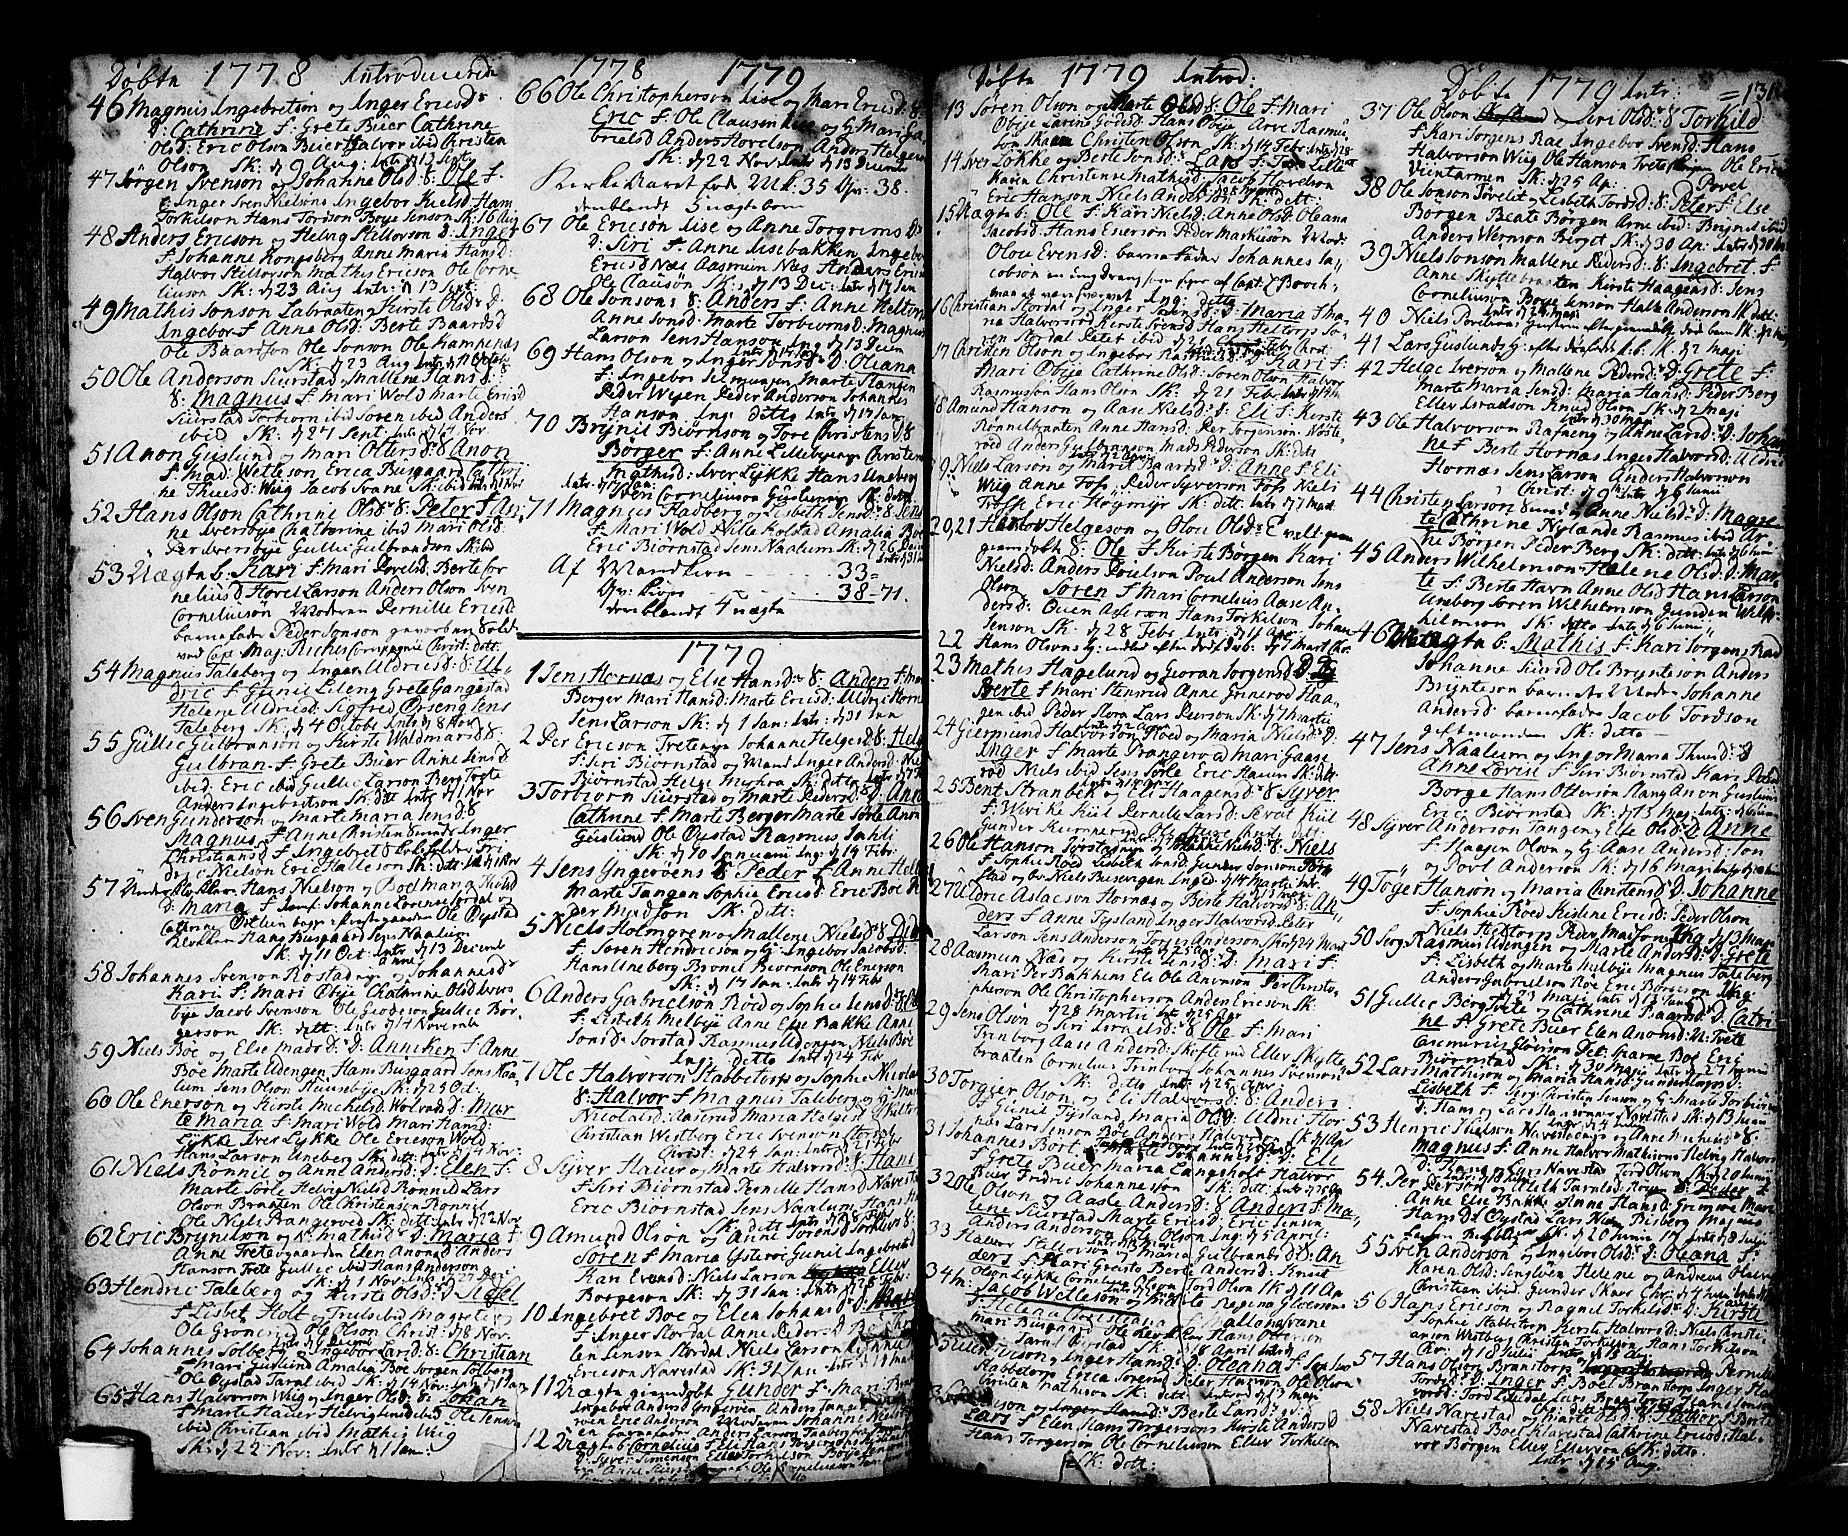 SAO, Skjeberg prestekontor Kirkebøker, F/Fa/L0002: Ministerialbok nr. I 2, 1726-1791, s. 131